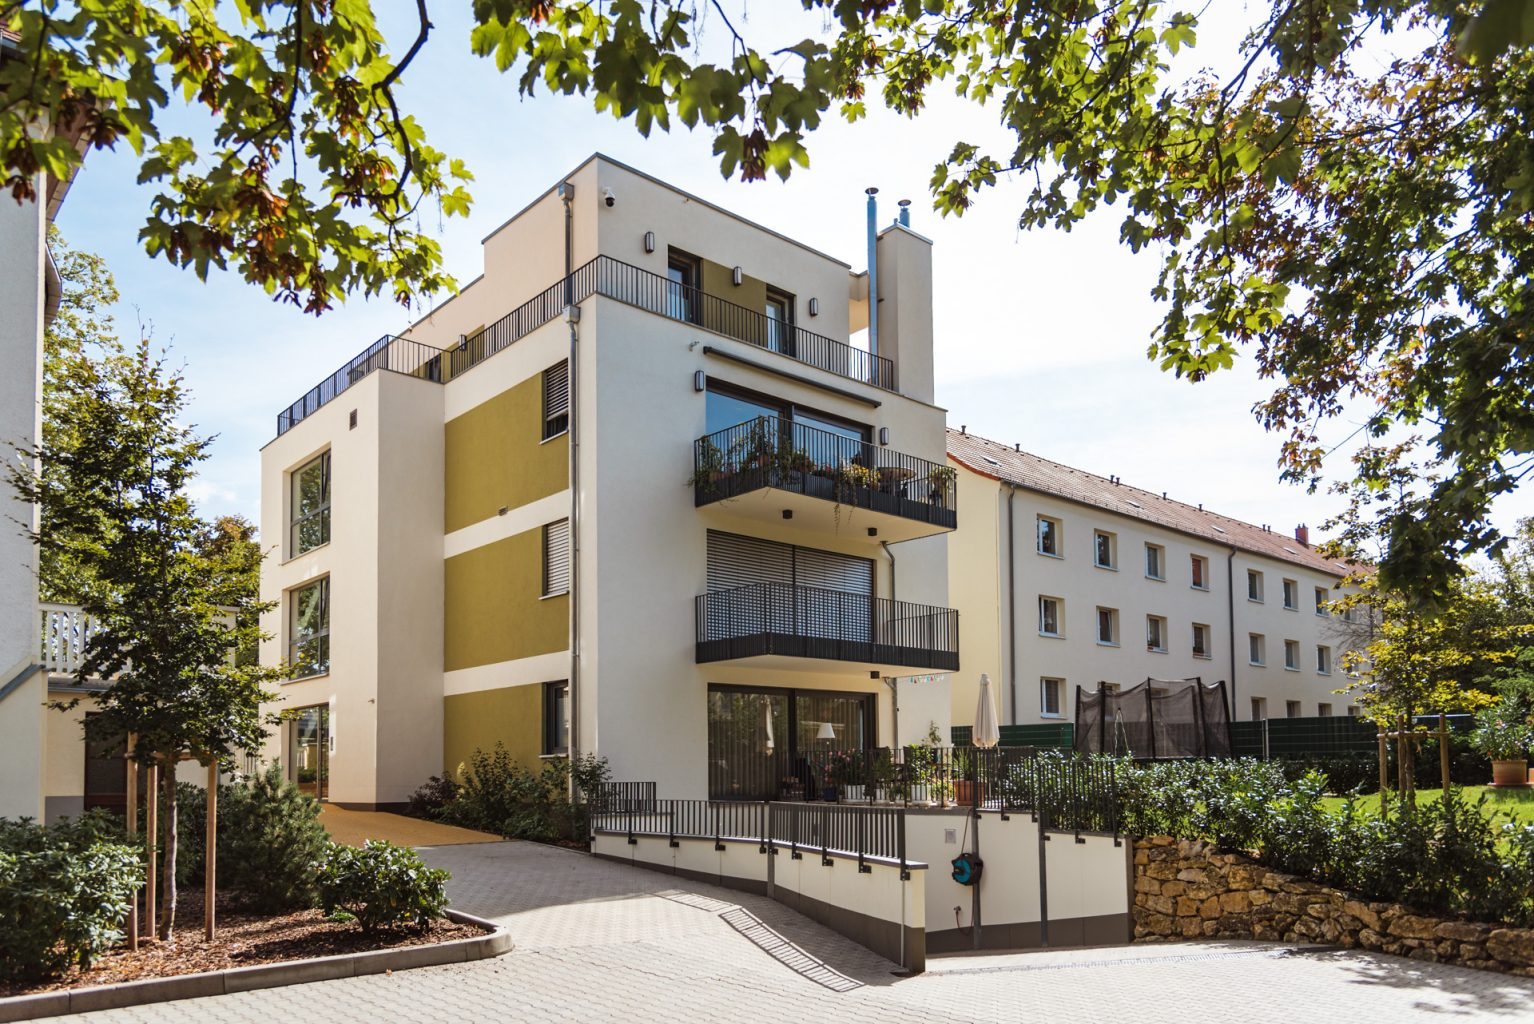 Windscheidstraße 2a - Malios Vermögensverwaltung GmbH